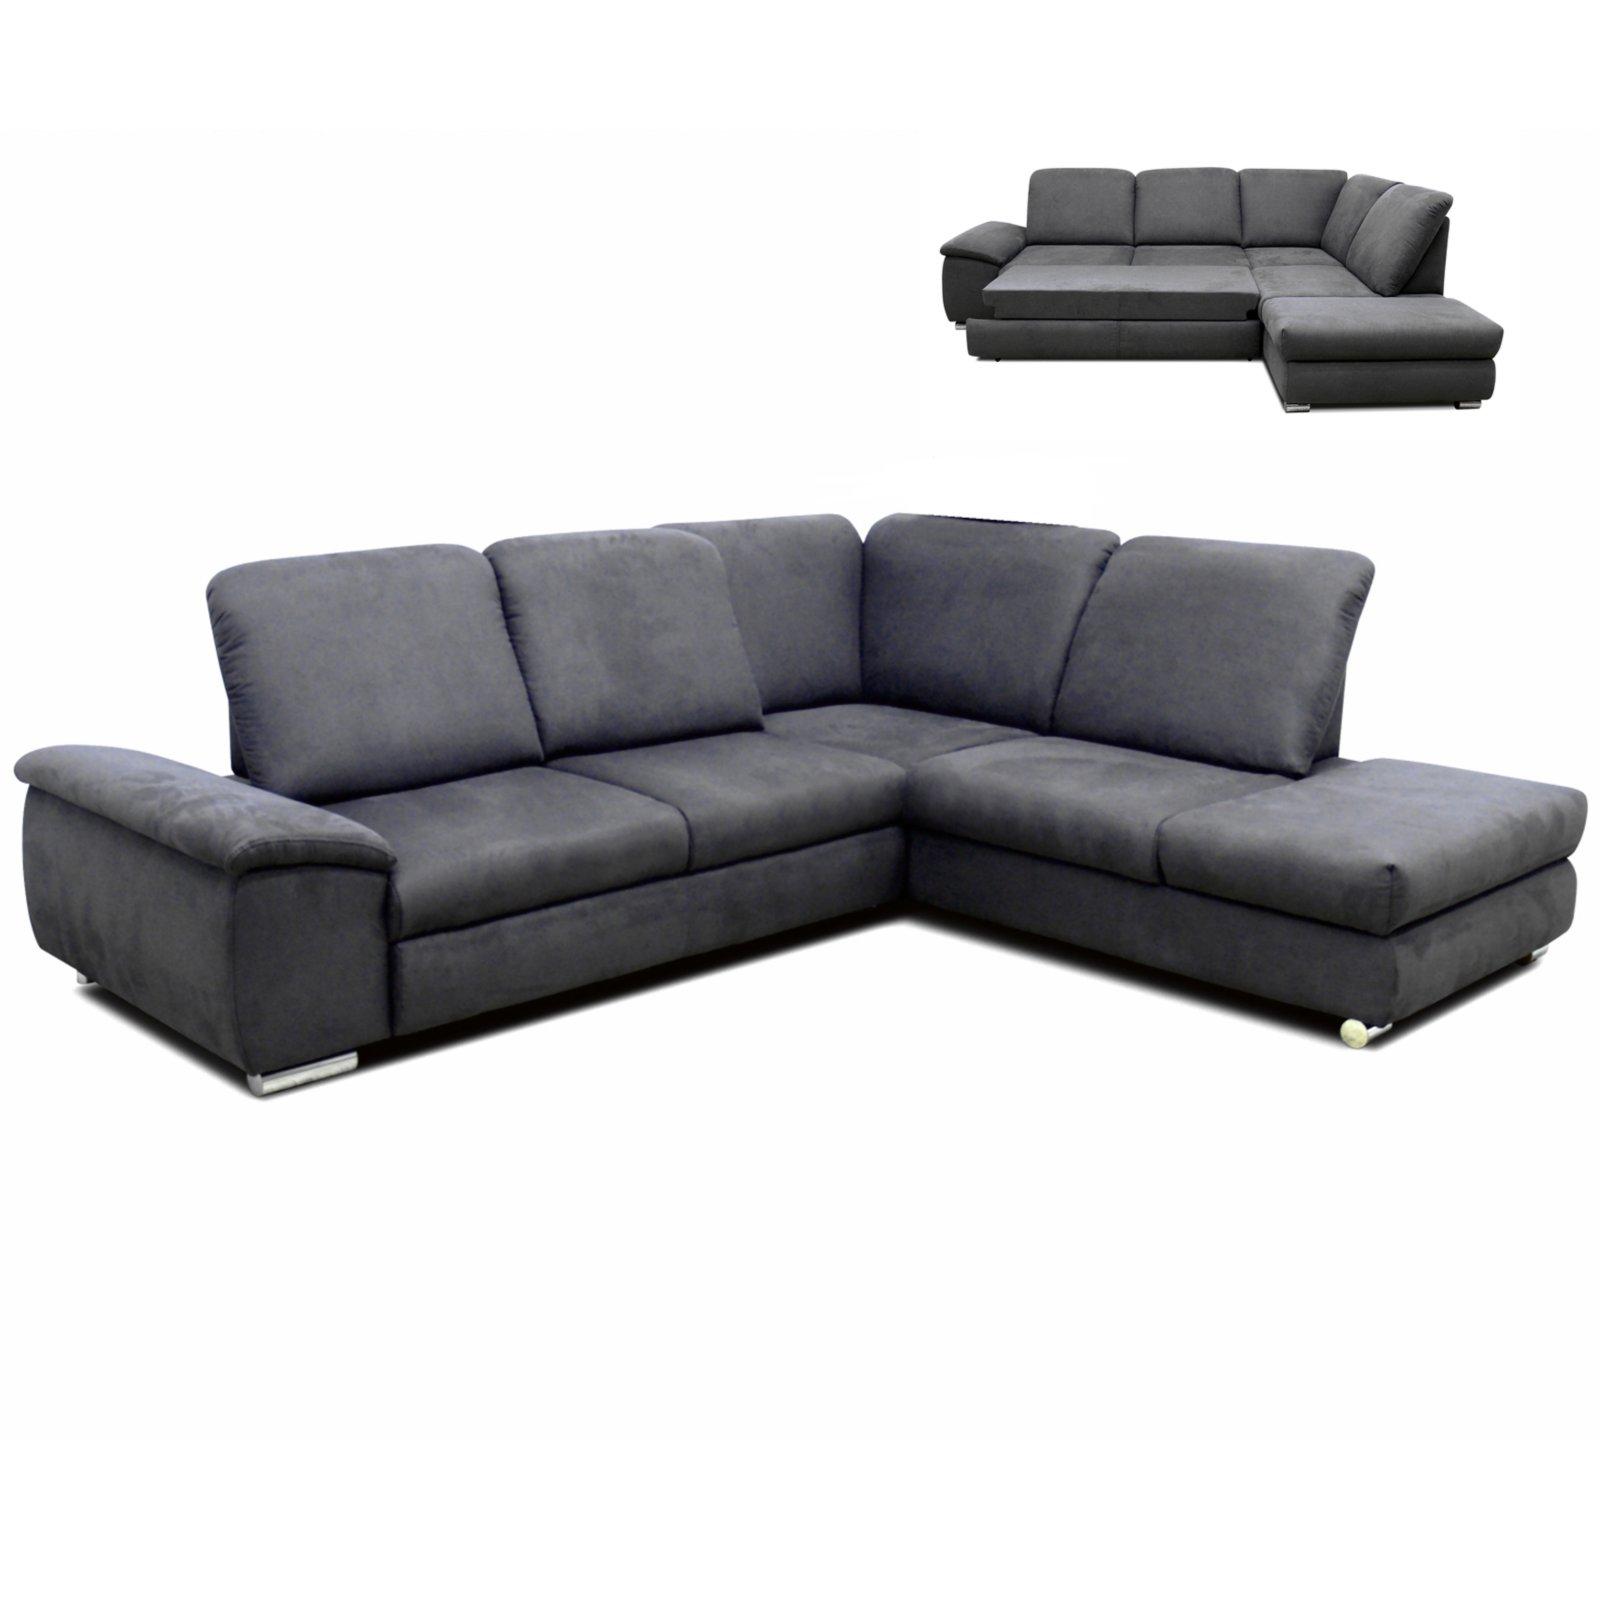 polsterecke grau sitztiefenverstellung liegefunktion. Black Bedroom Furniture Sets. Home Design Ideas